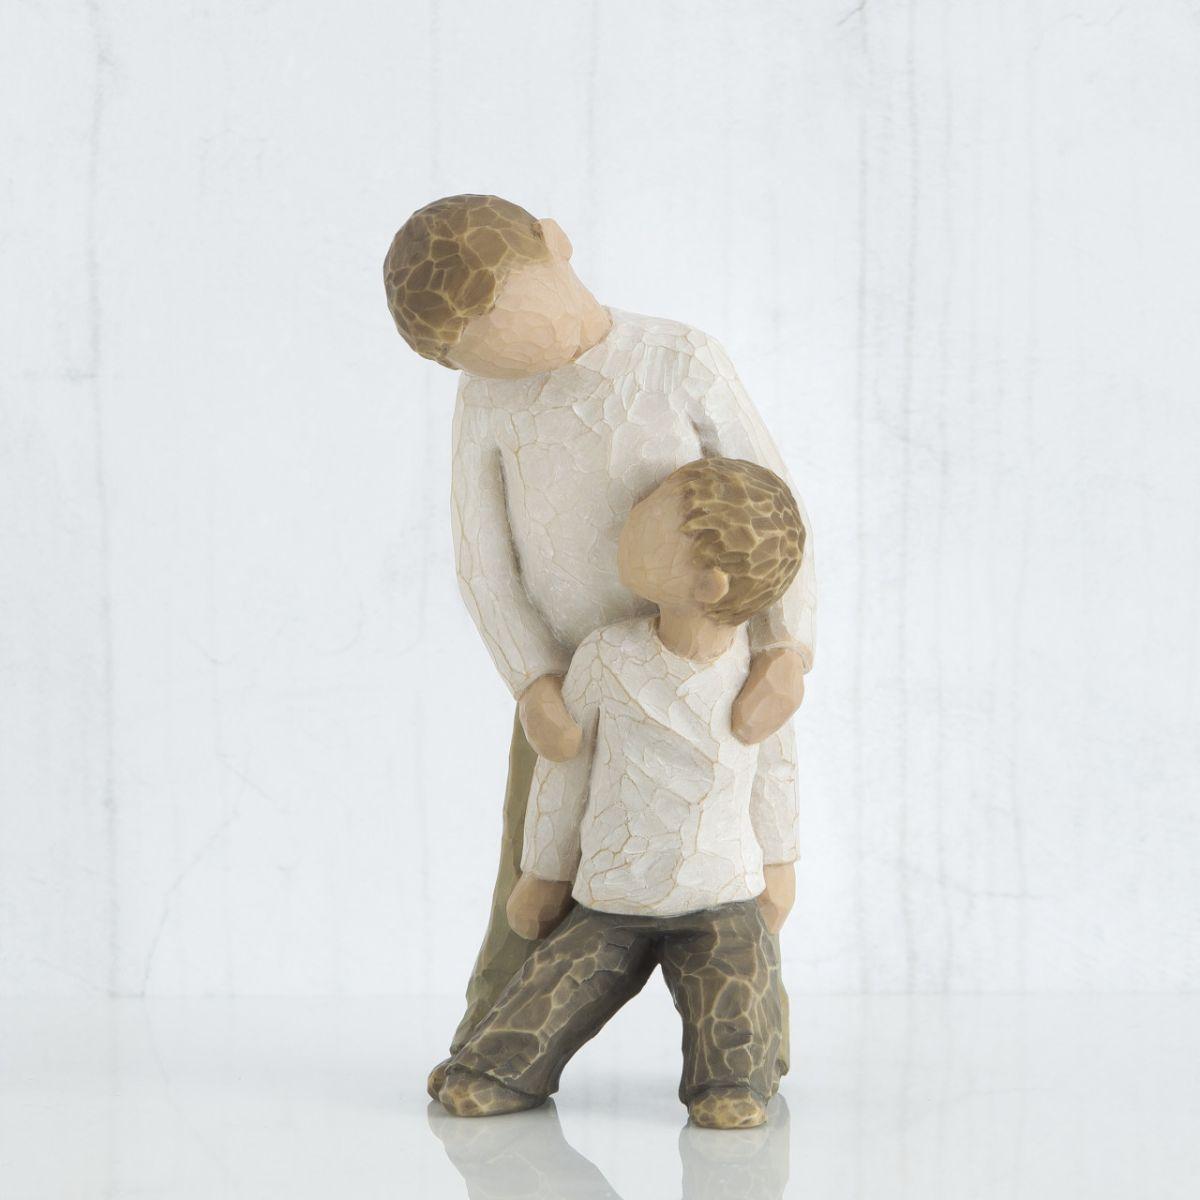 ウィローツリー彫像 【Brothers】 - 兄弟